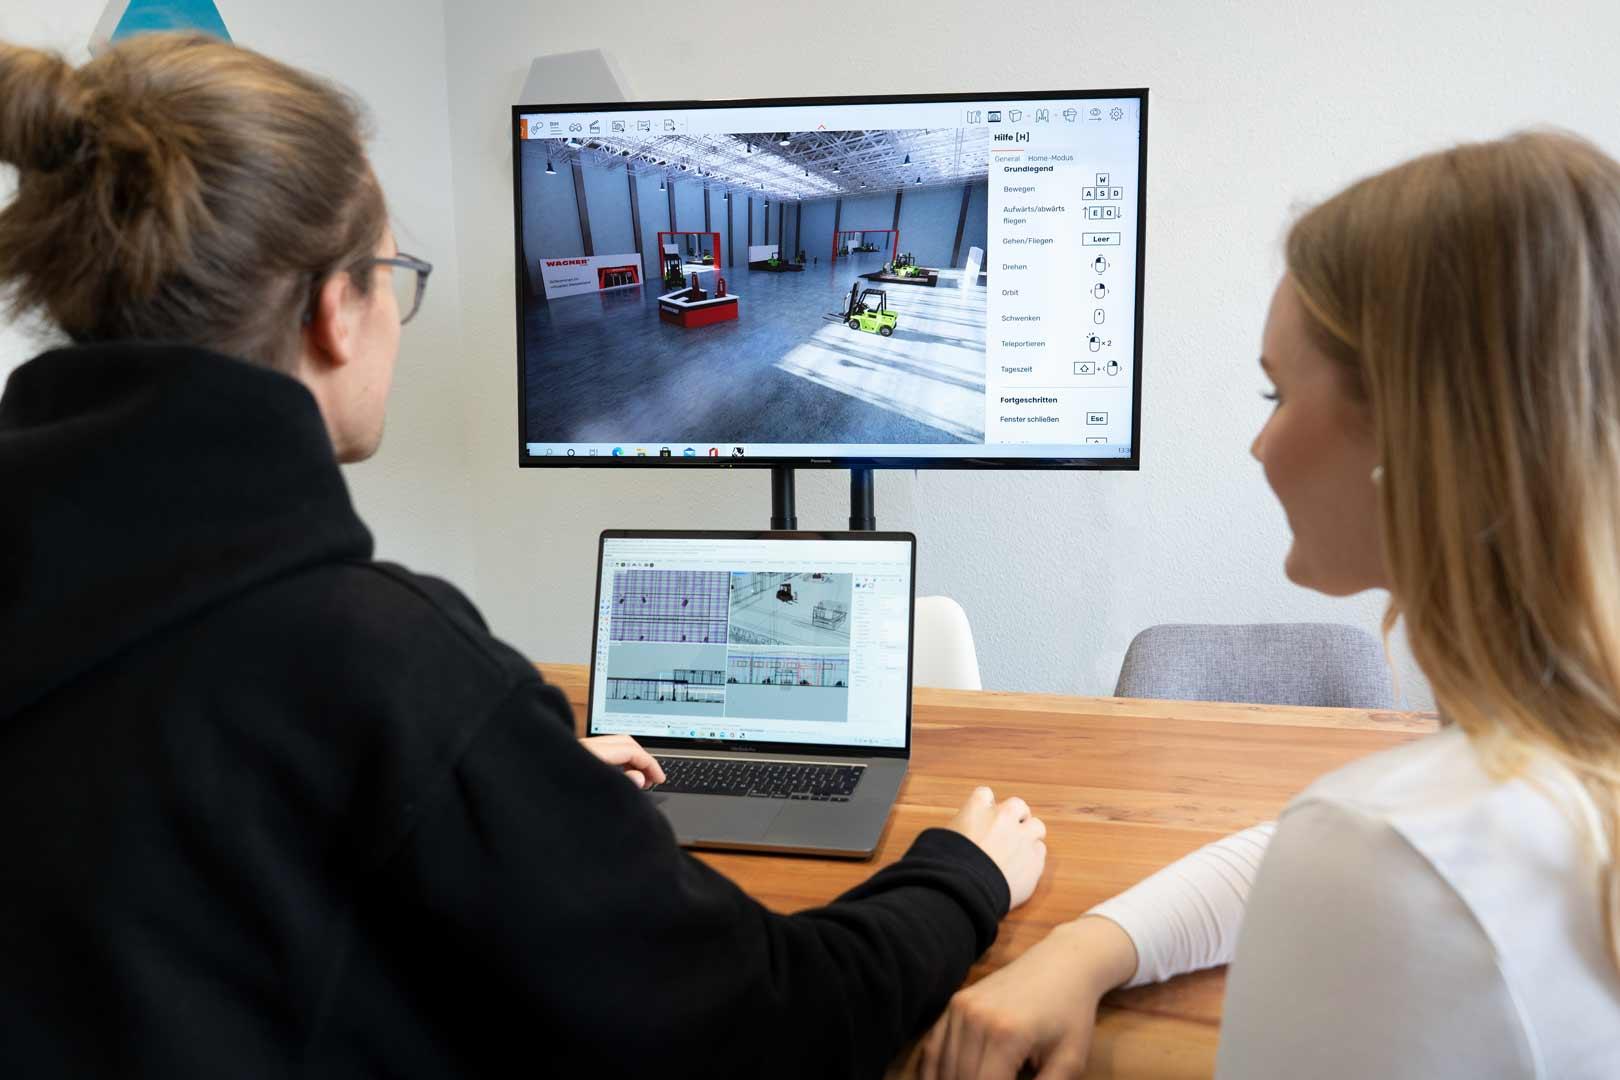 Zwei Mitarbeiter schauen auf einen PC-Bildschirm mit geöffnetem virtuellen Showroom